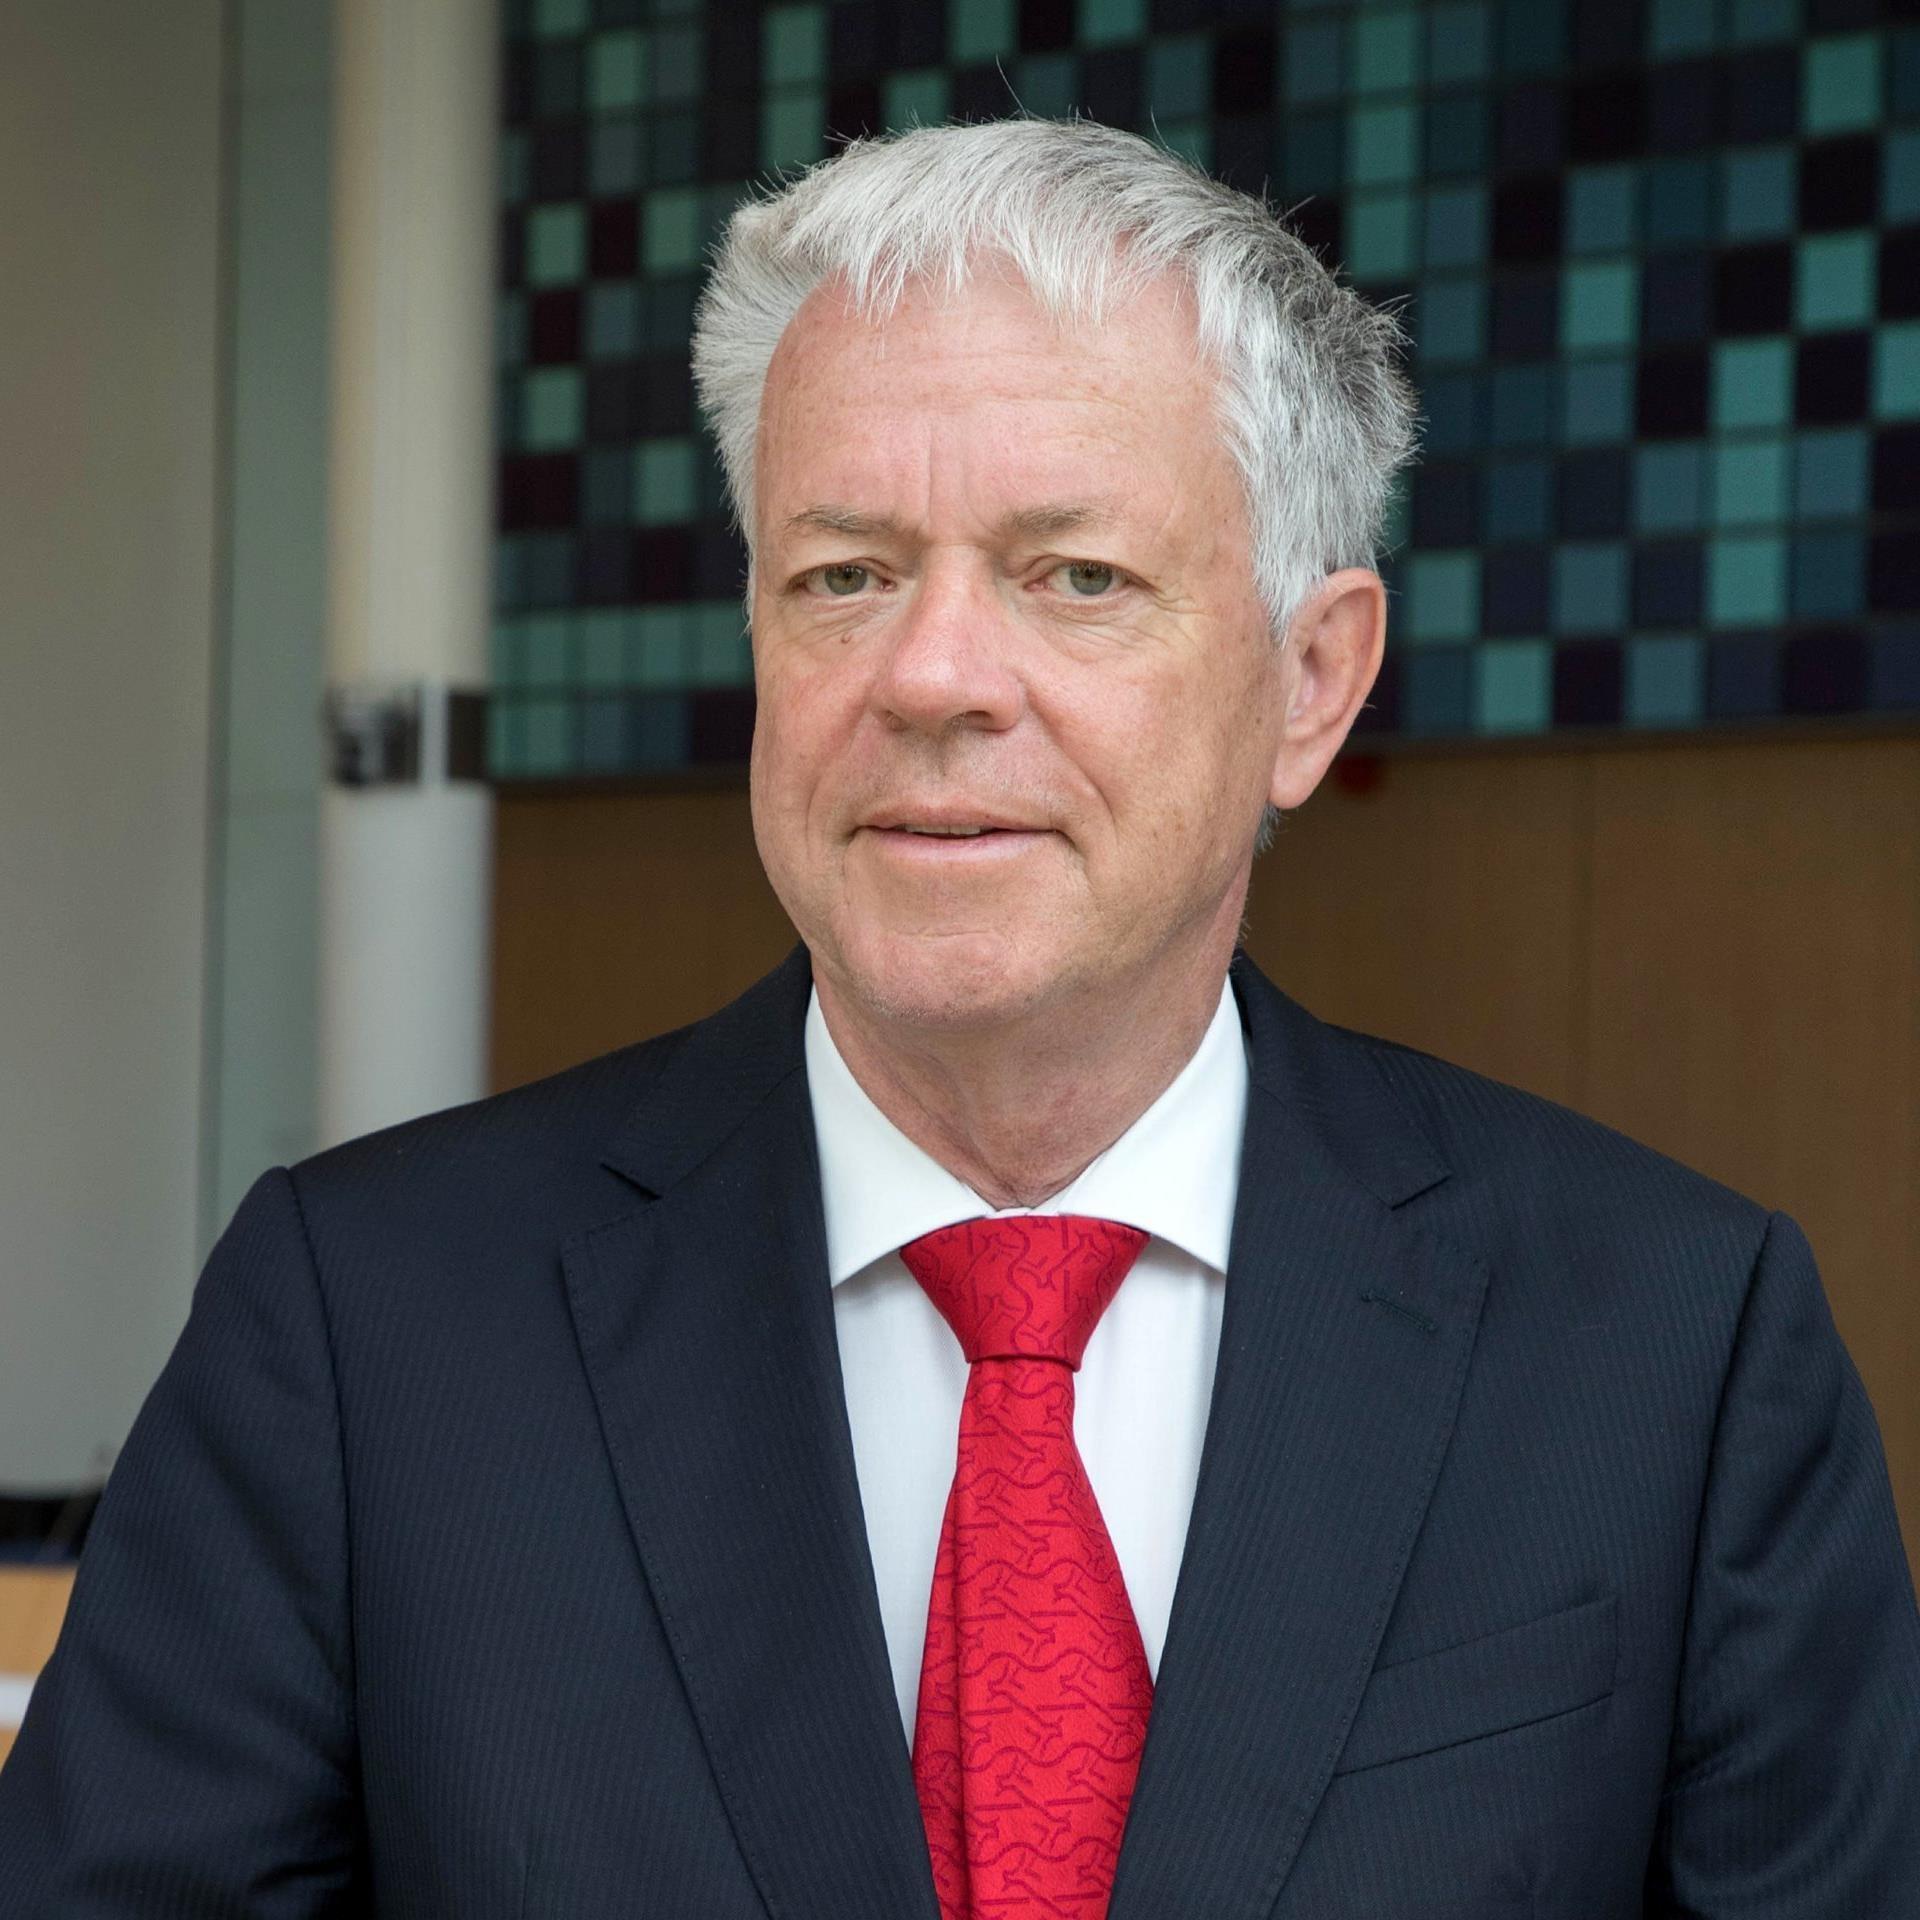 Commissaris van de Koning Leen Verbeek